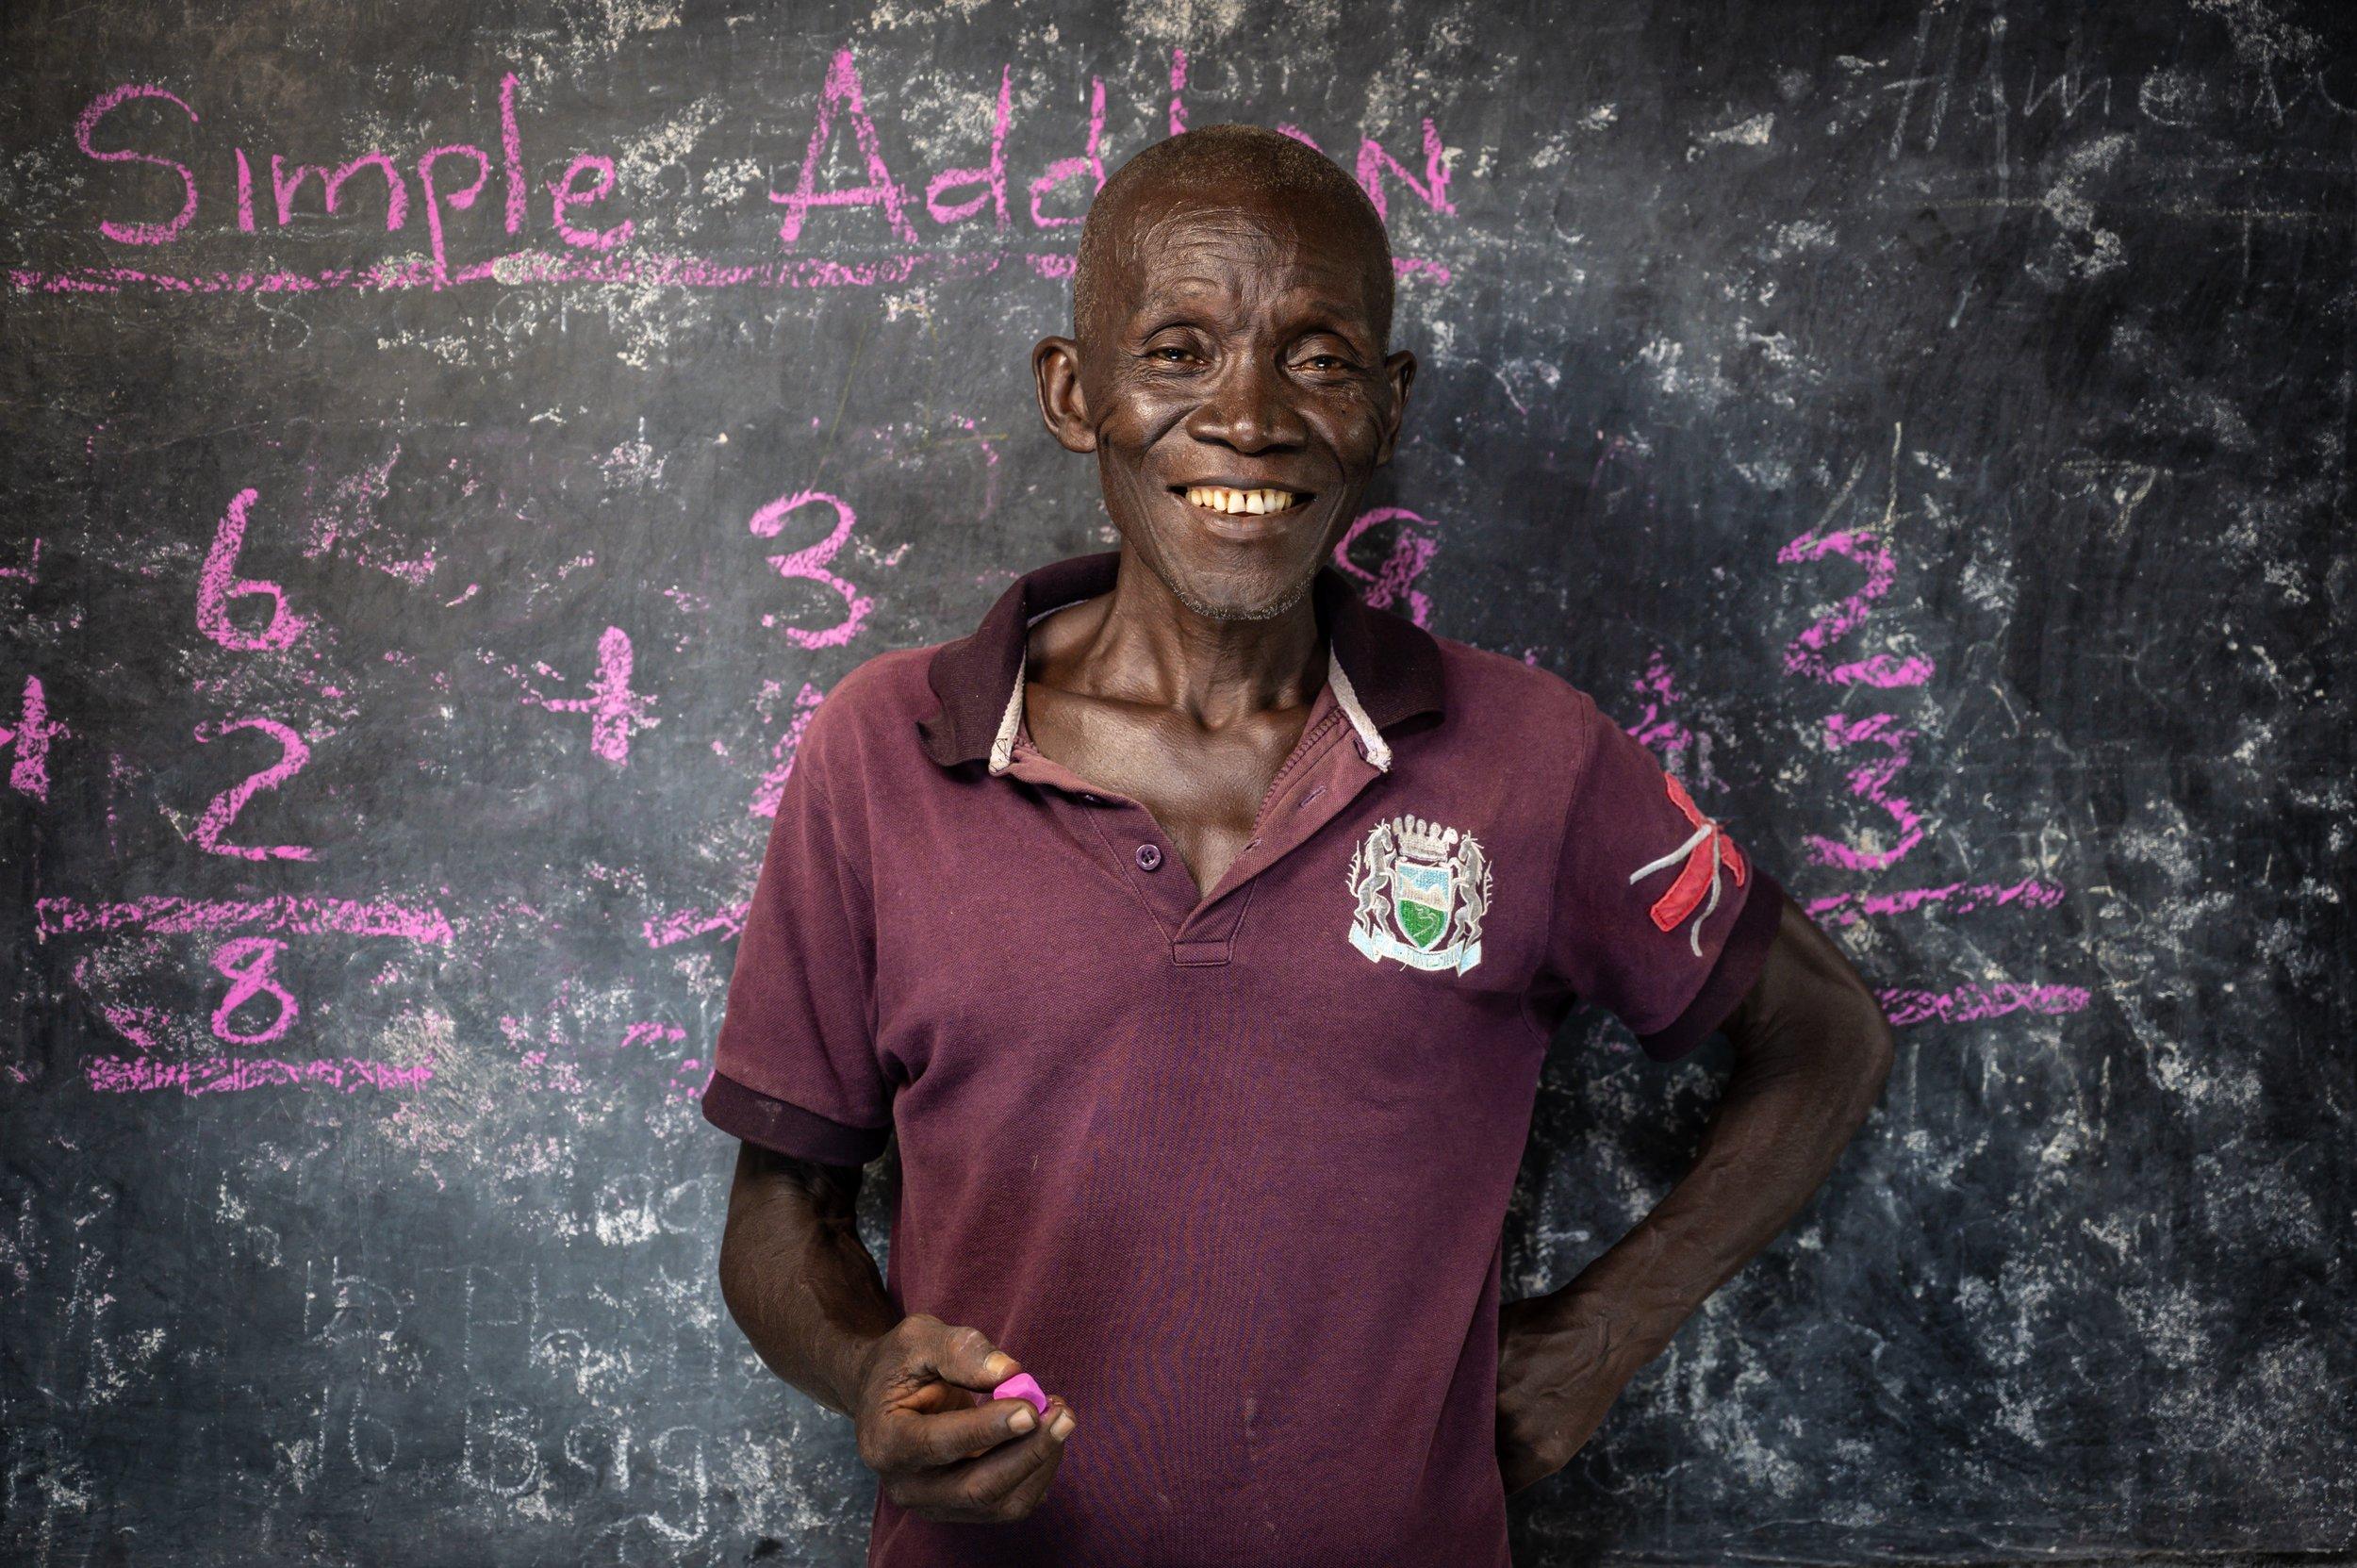 1500 kroner er en årsløn for en lærer